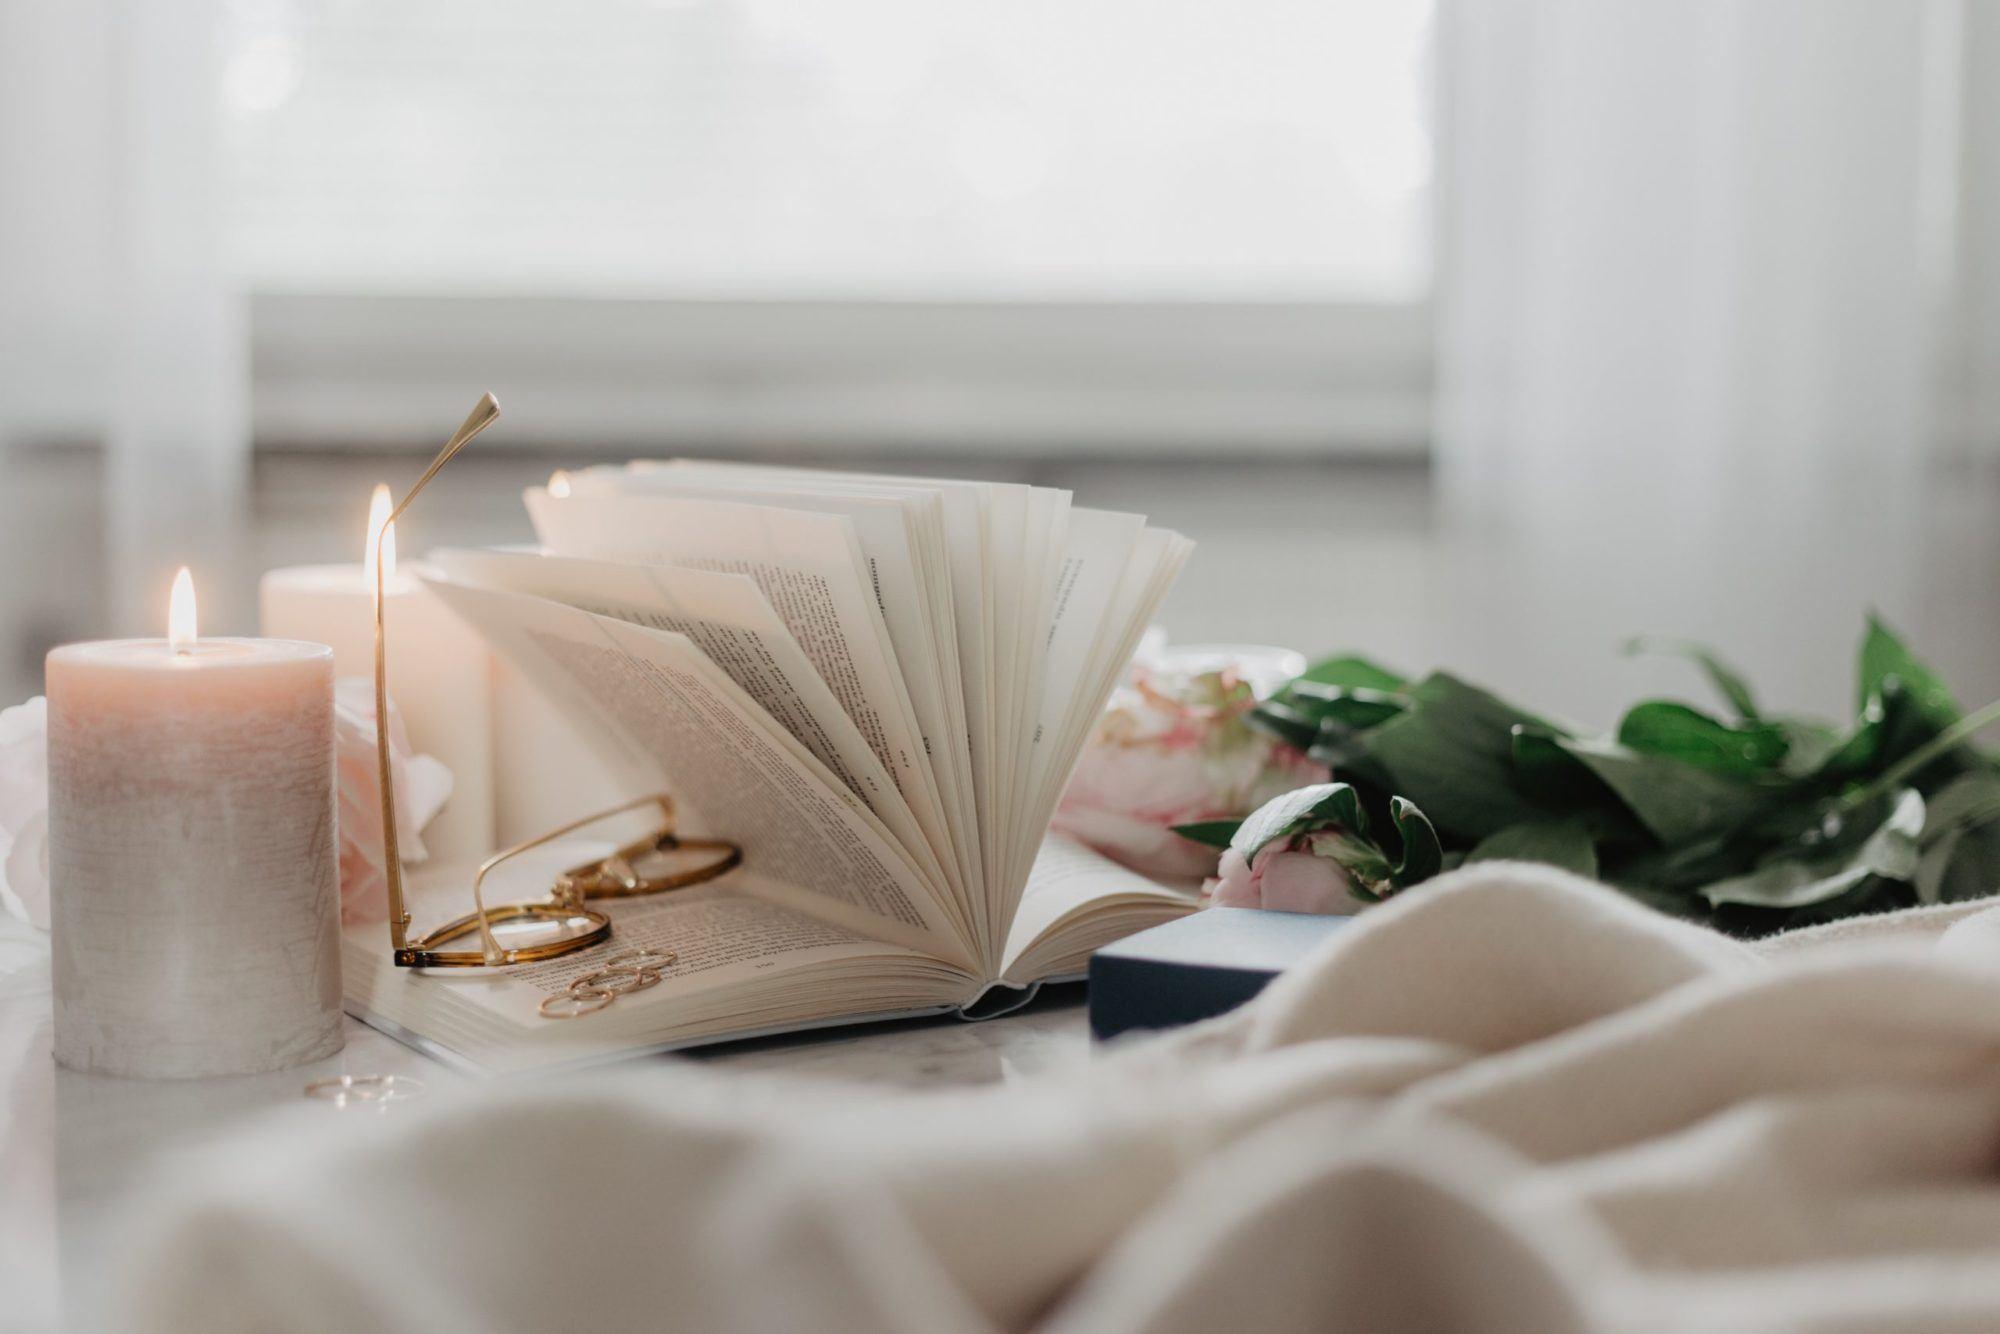 6 Books to Read During Quarantine